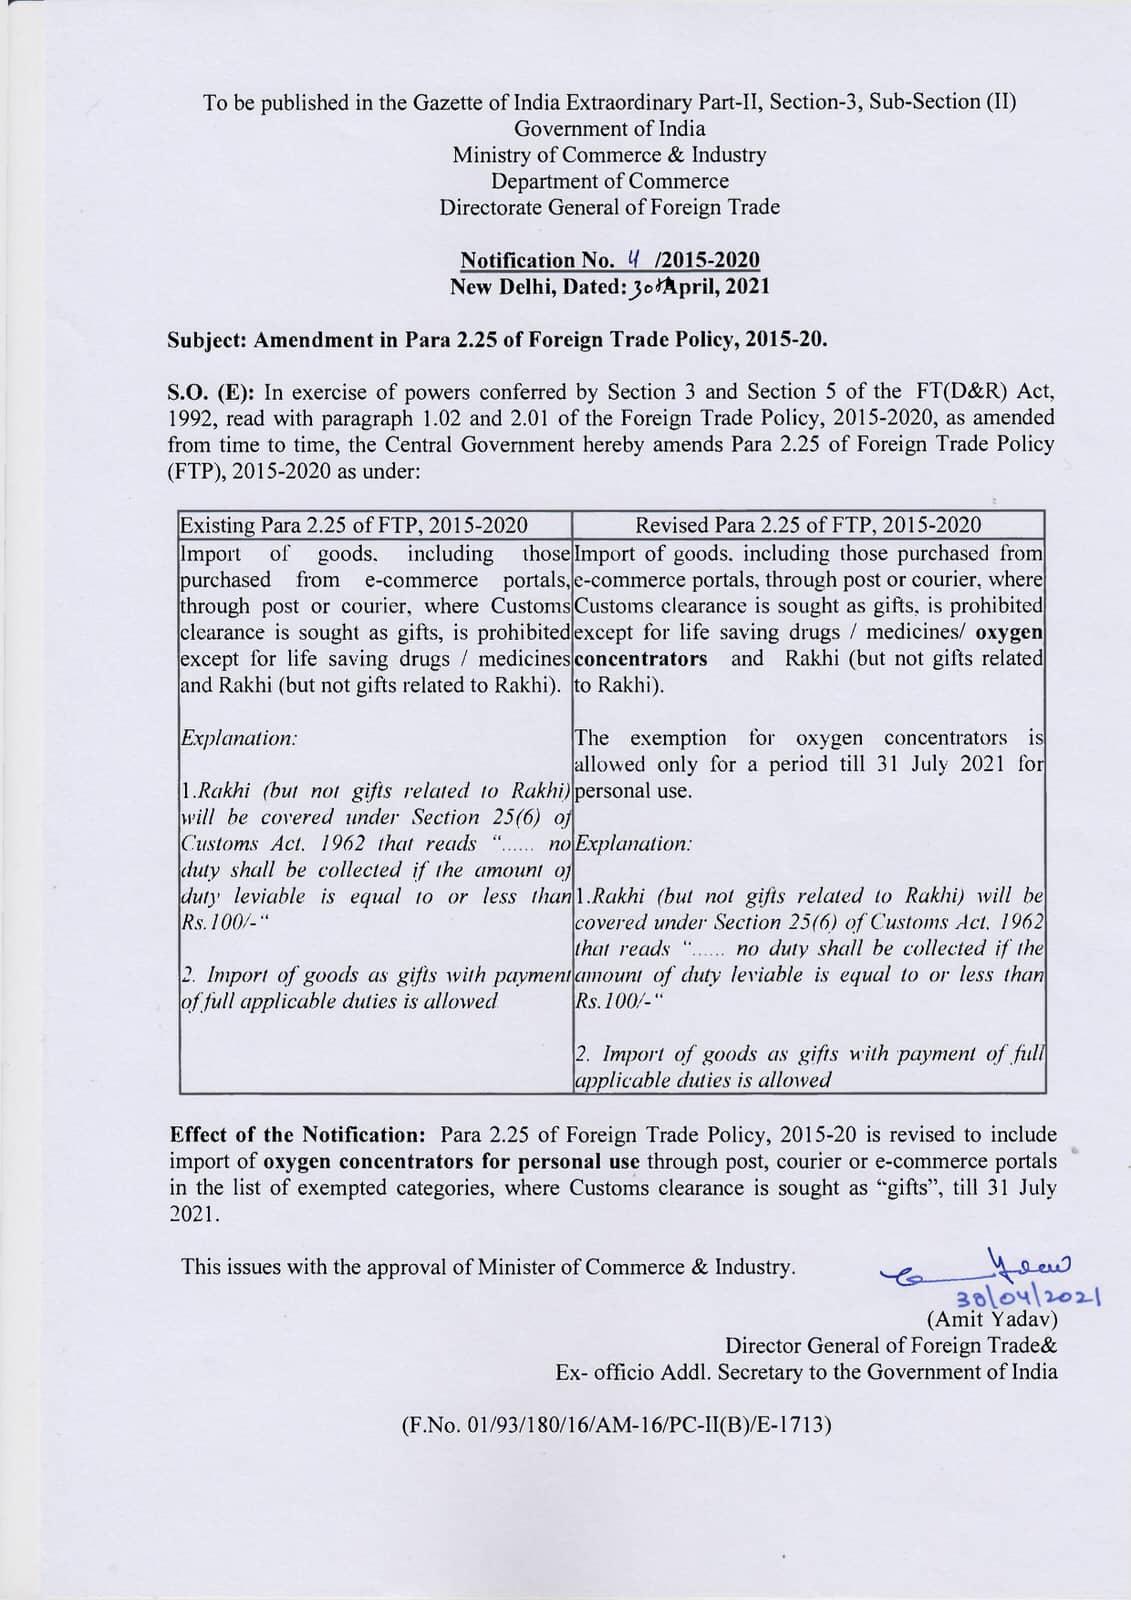 印度取消氧氣設備進口關稅,海外民眾可以禮品名義寄給個人使用